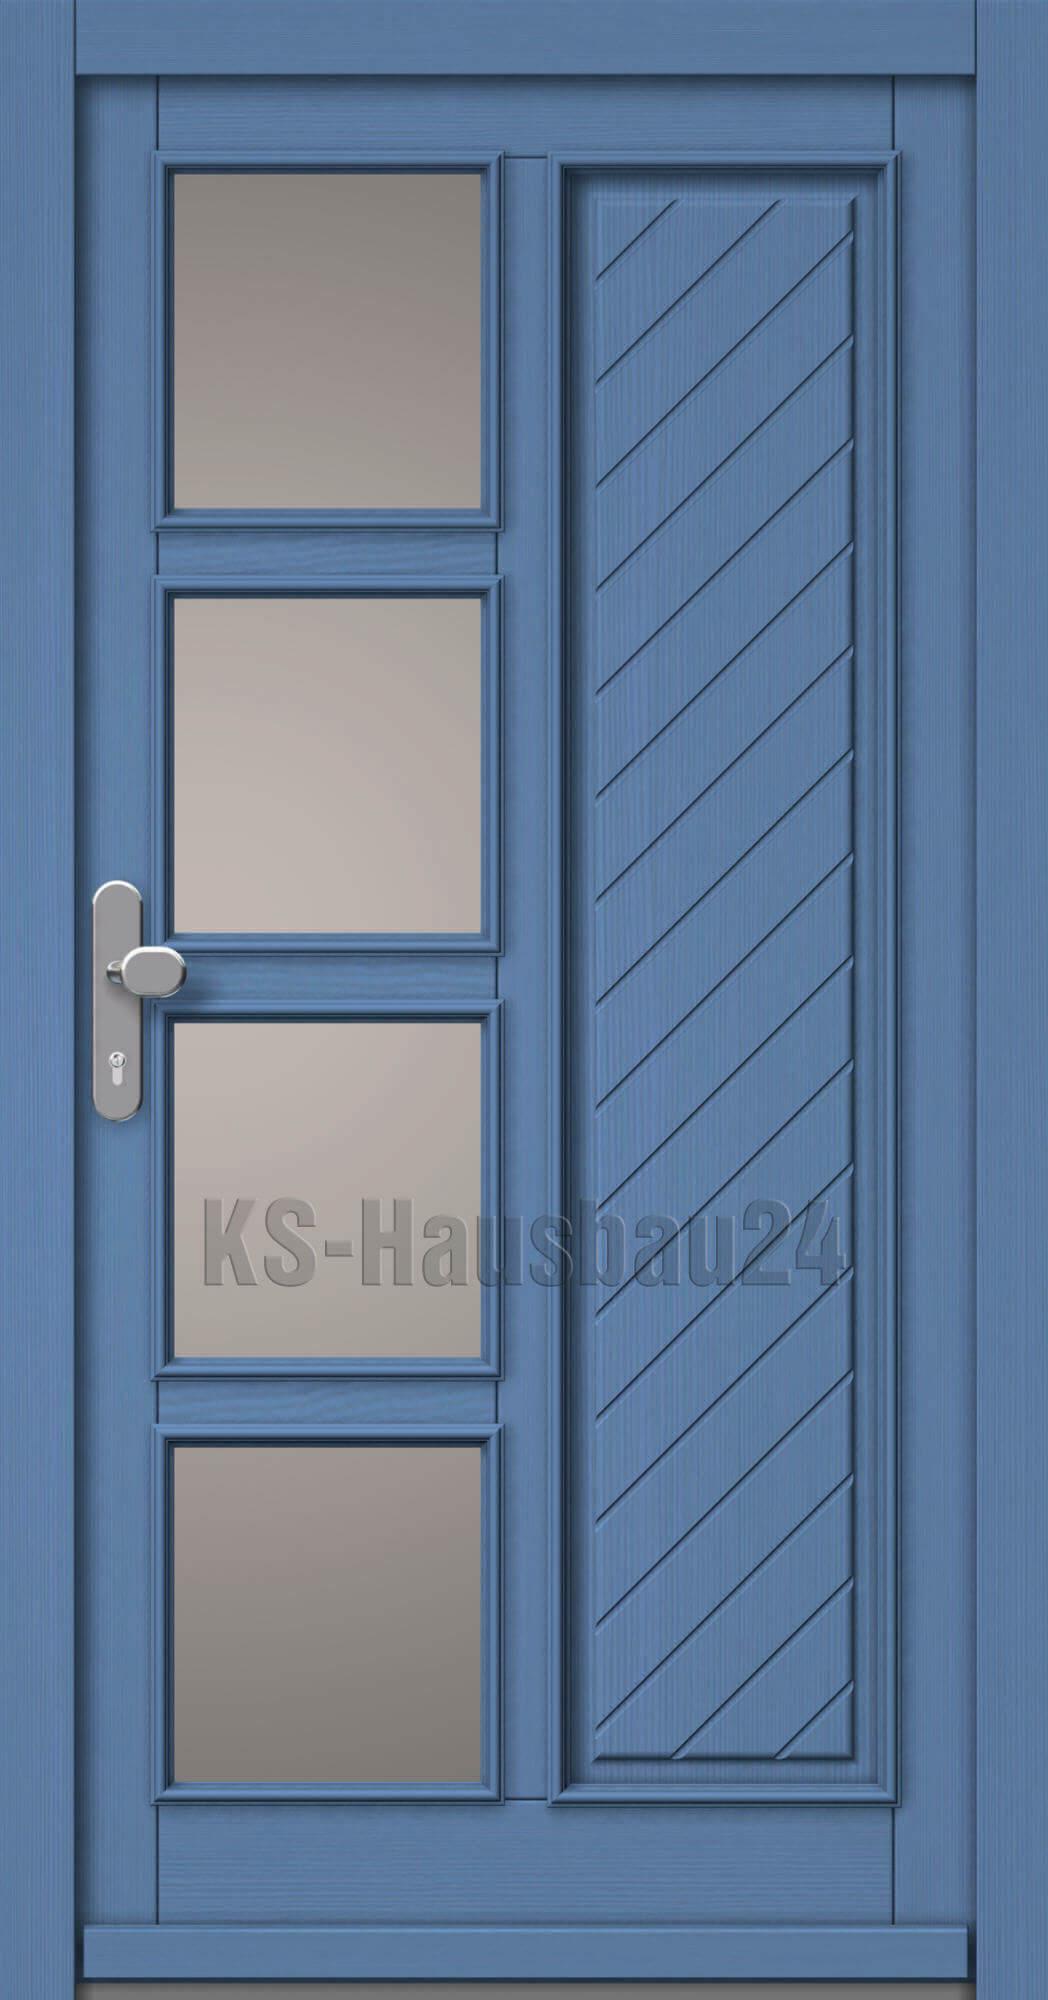 Frisch Haustüren Aluminium - Haustüren Holz - Haustüren Holz Alu - KS  ZQ35